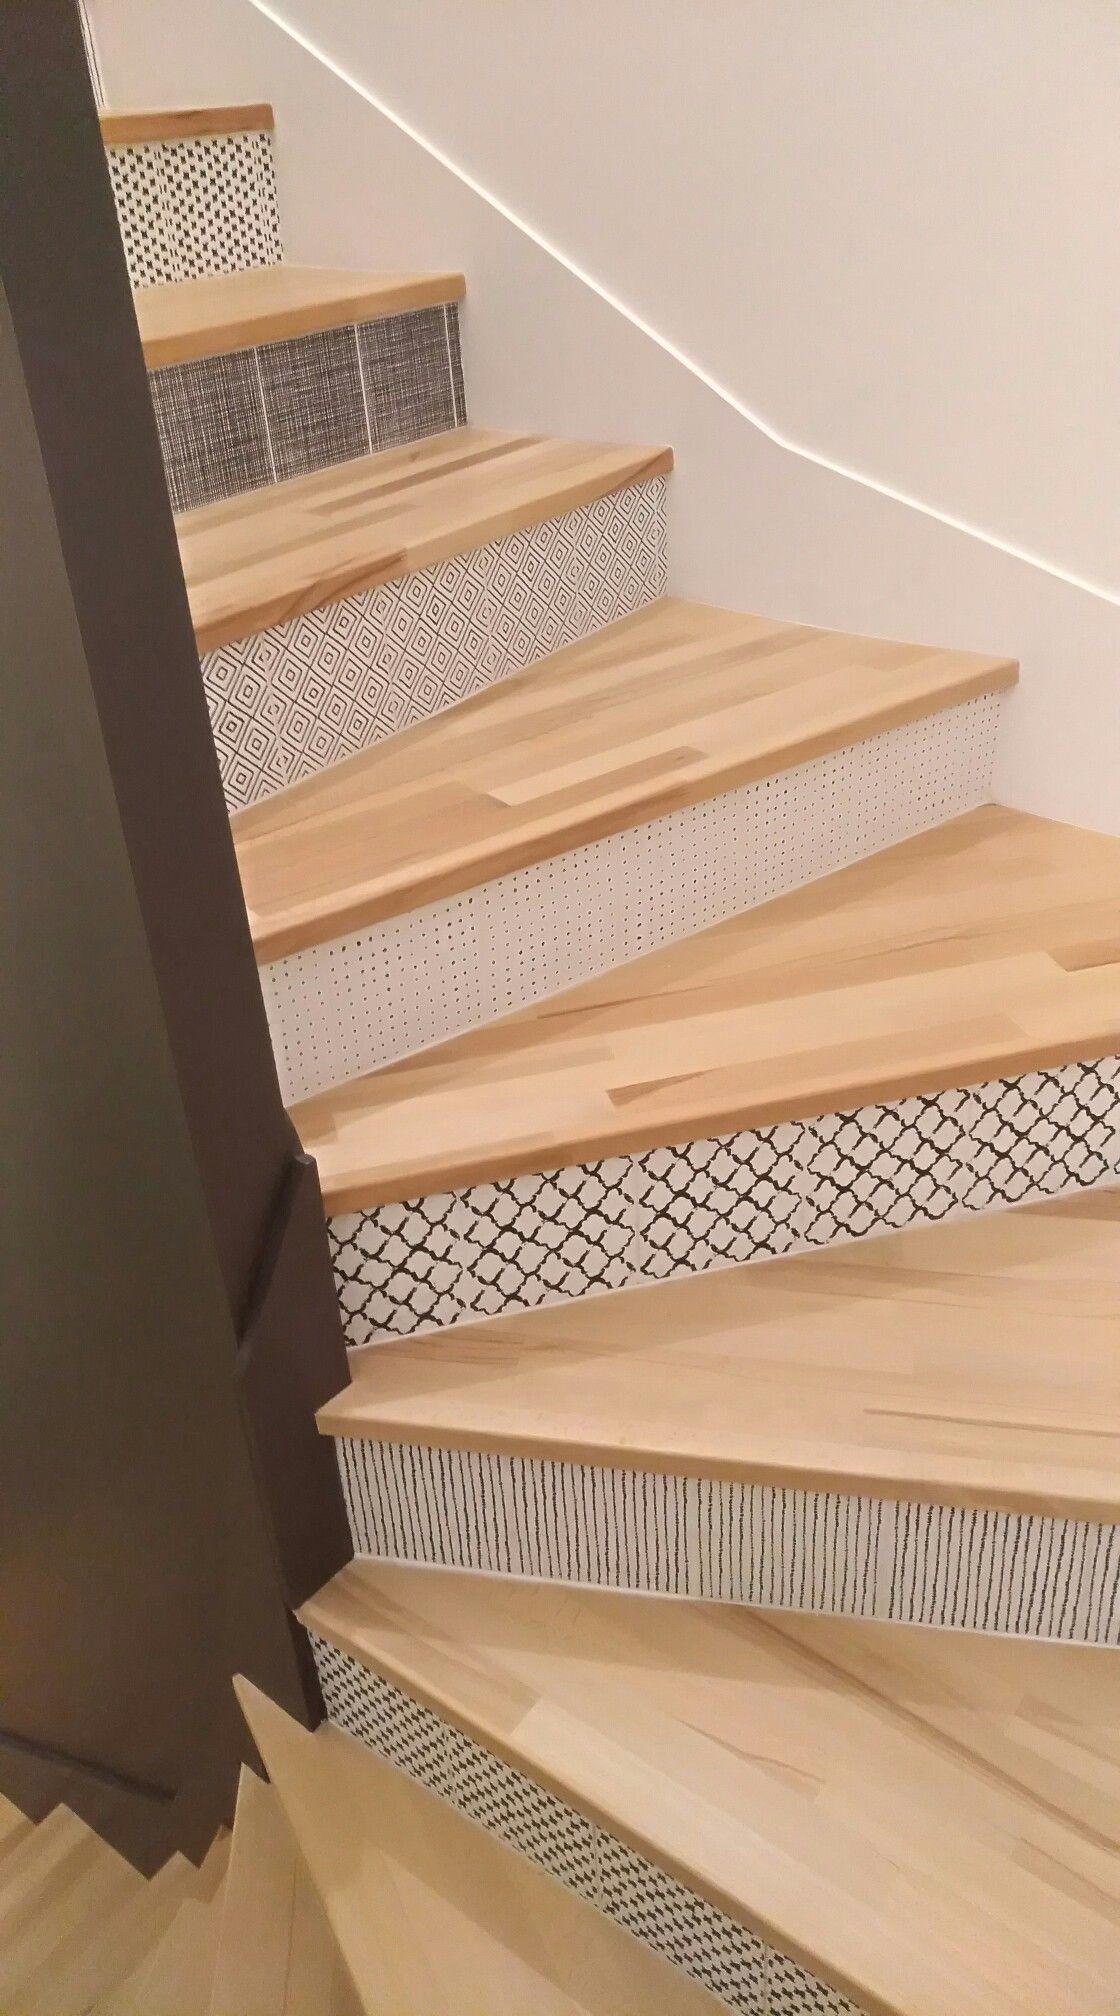 Marche En Bois Et Contremarche Carreau De Ciment Deco Chambre Sous Pente Escalier Relooking Amenagement Escalier